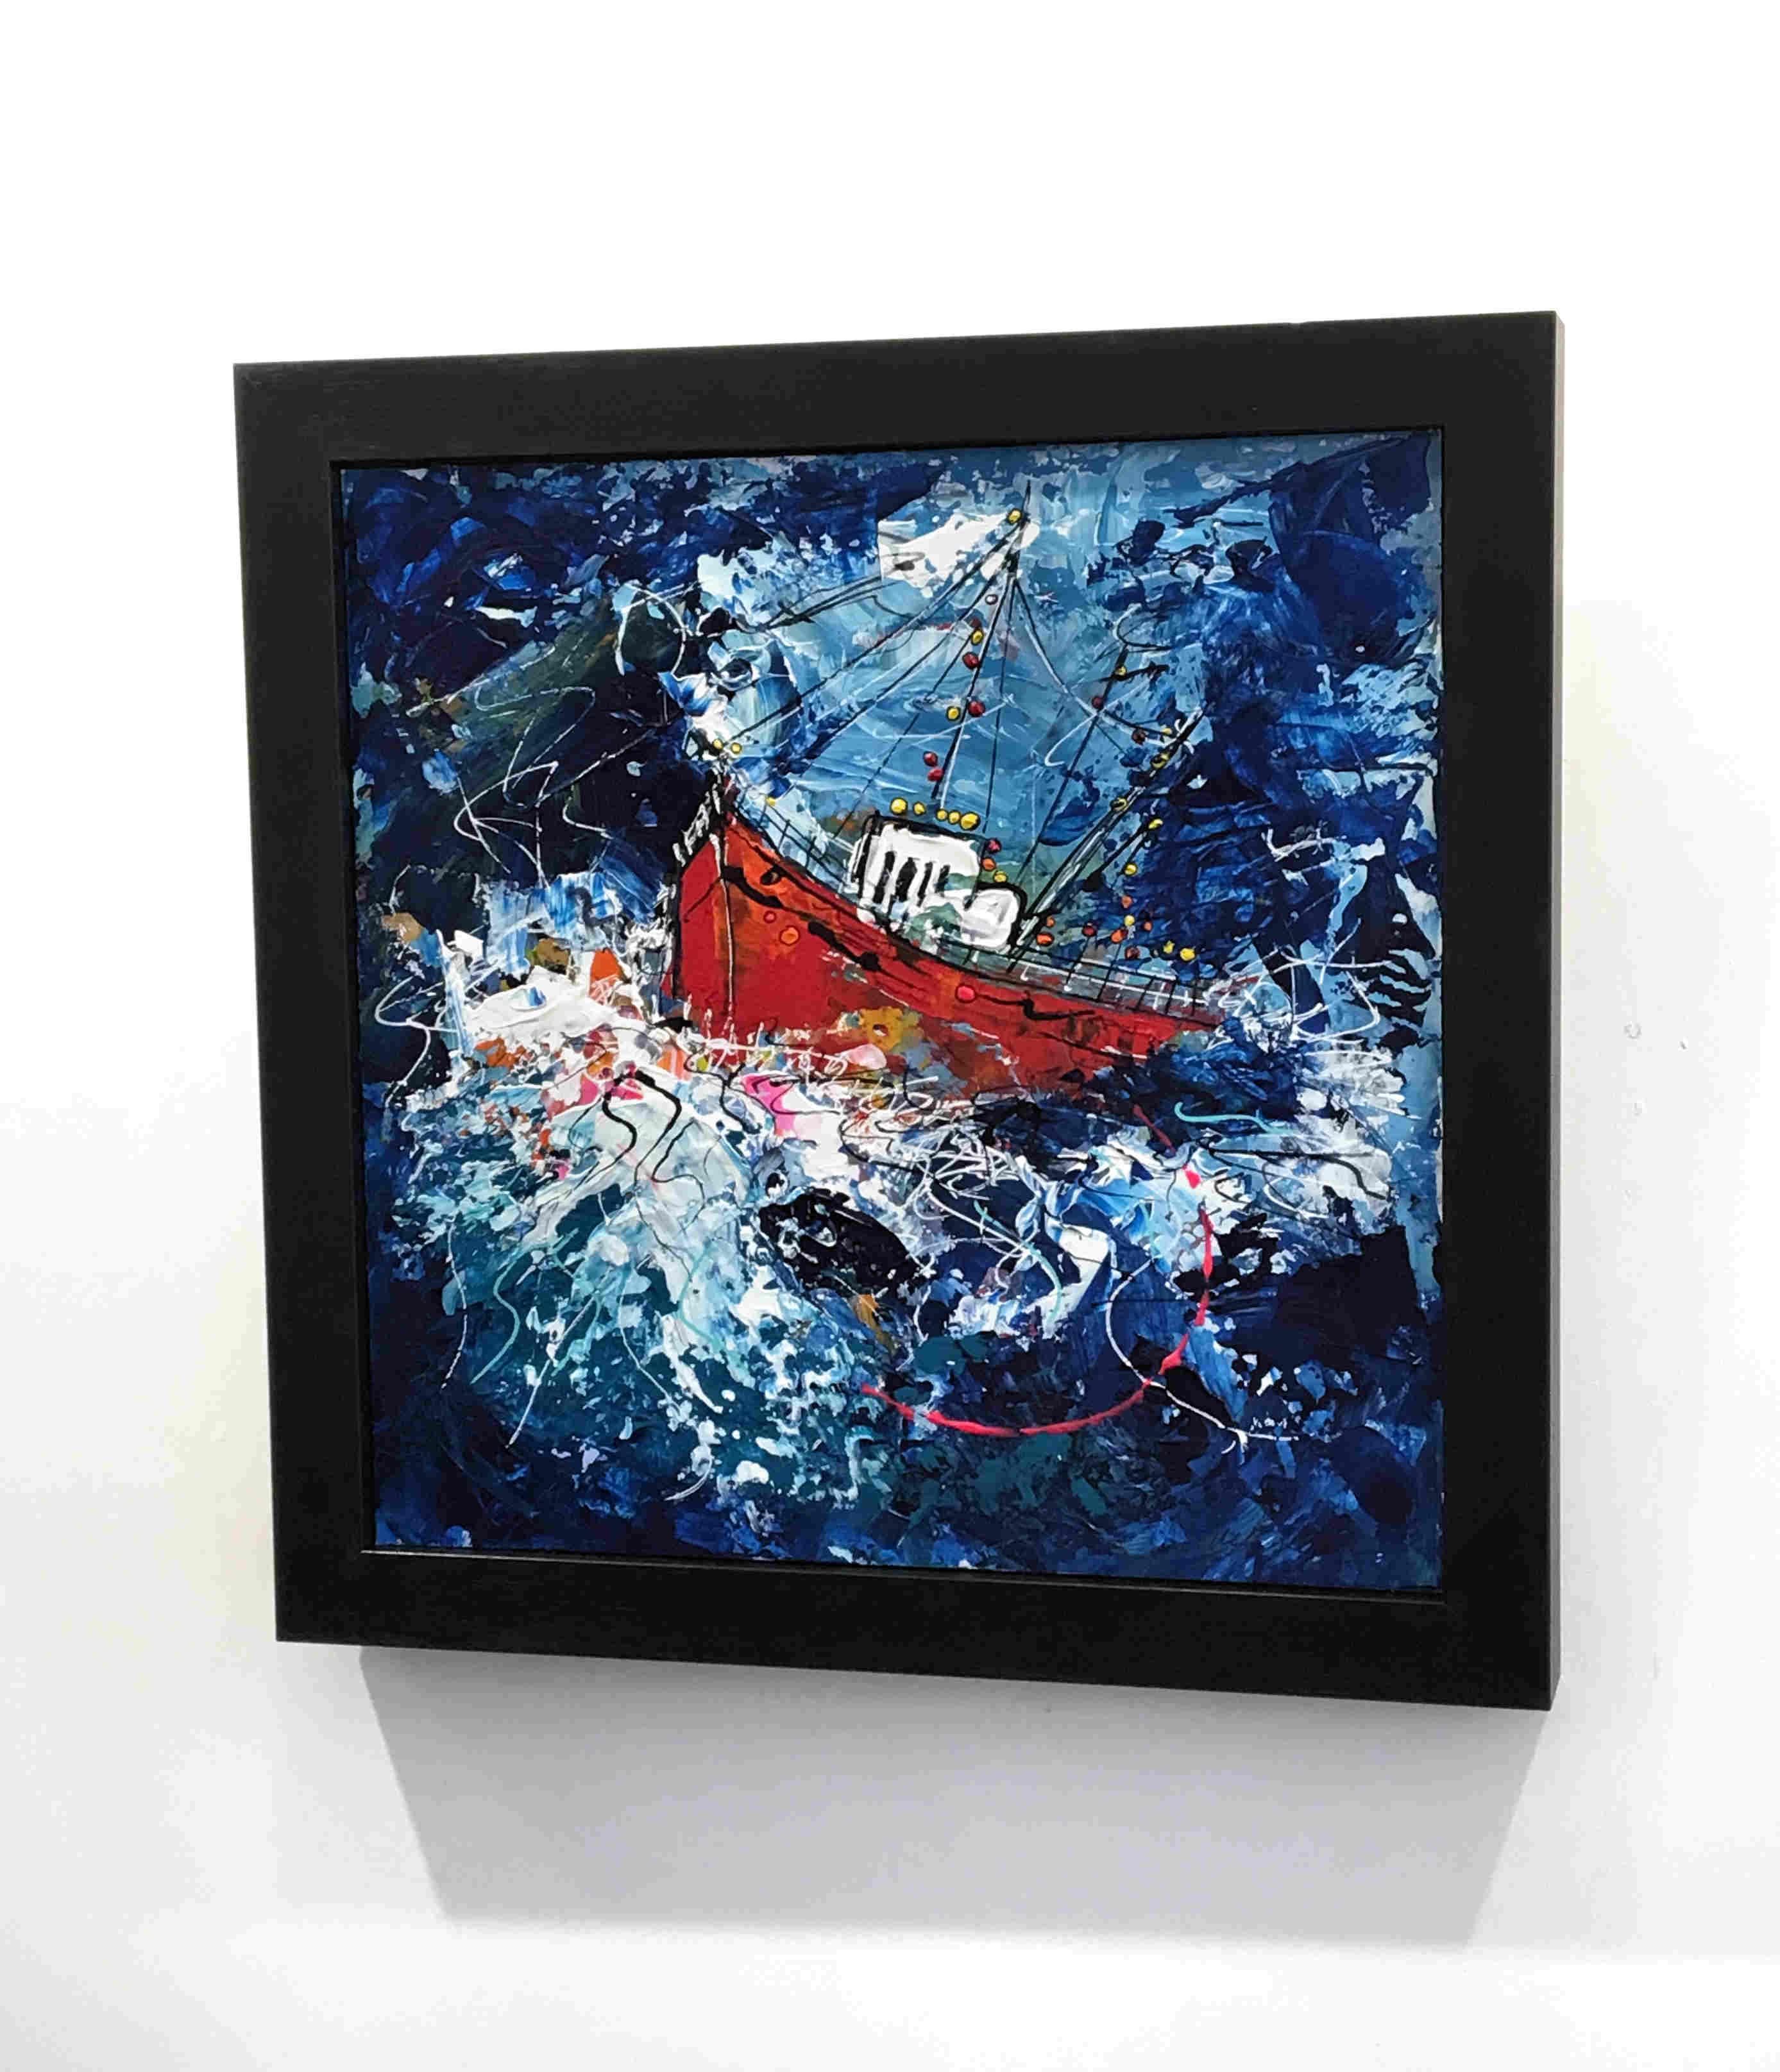 'Summer Storm' by artist Martin John Fowler